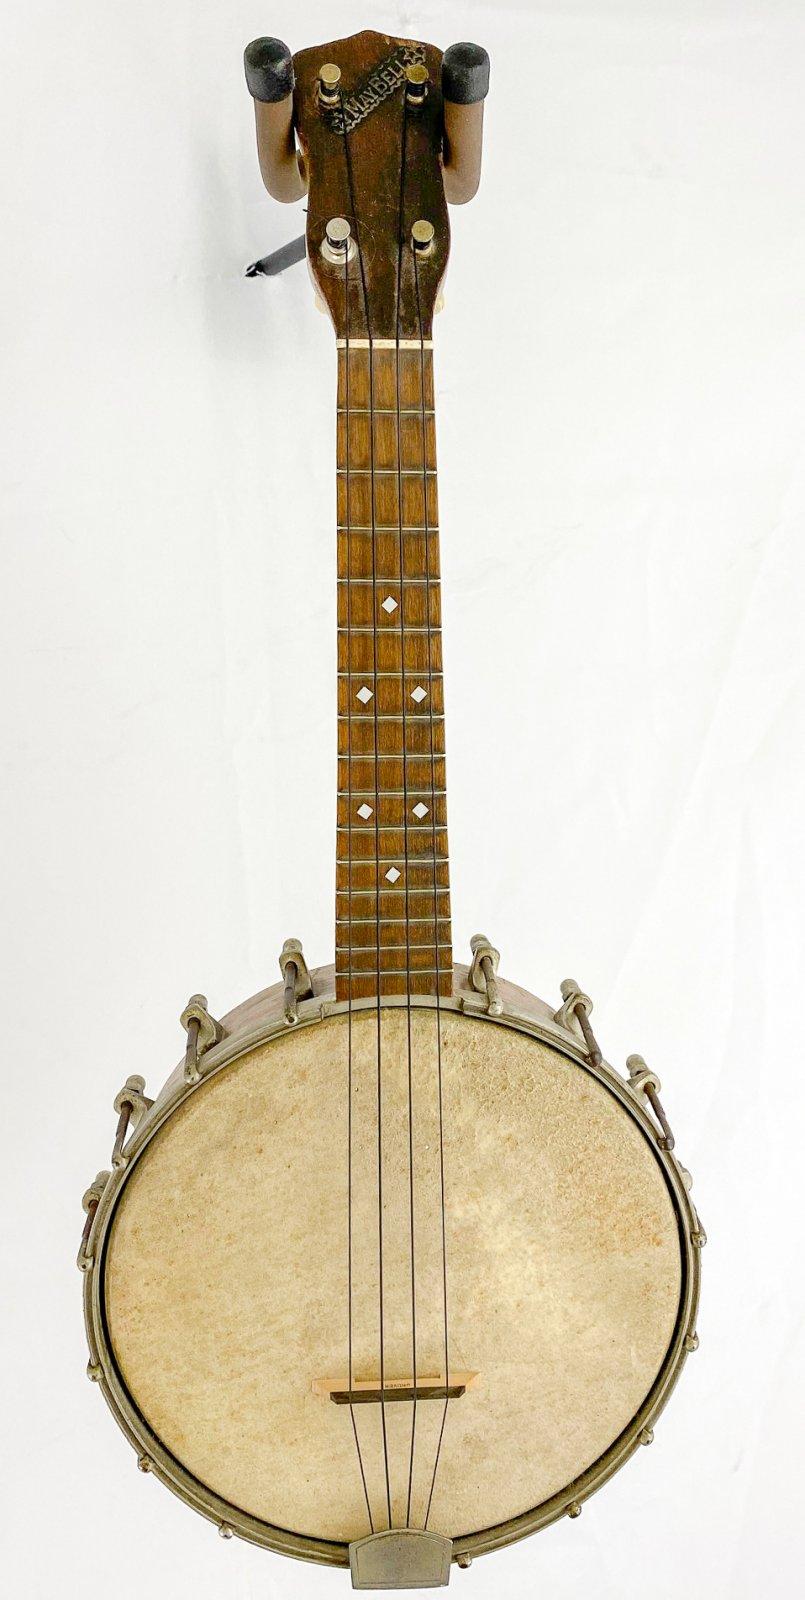 Vintage Slingerland Maybelle #24 banjolele